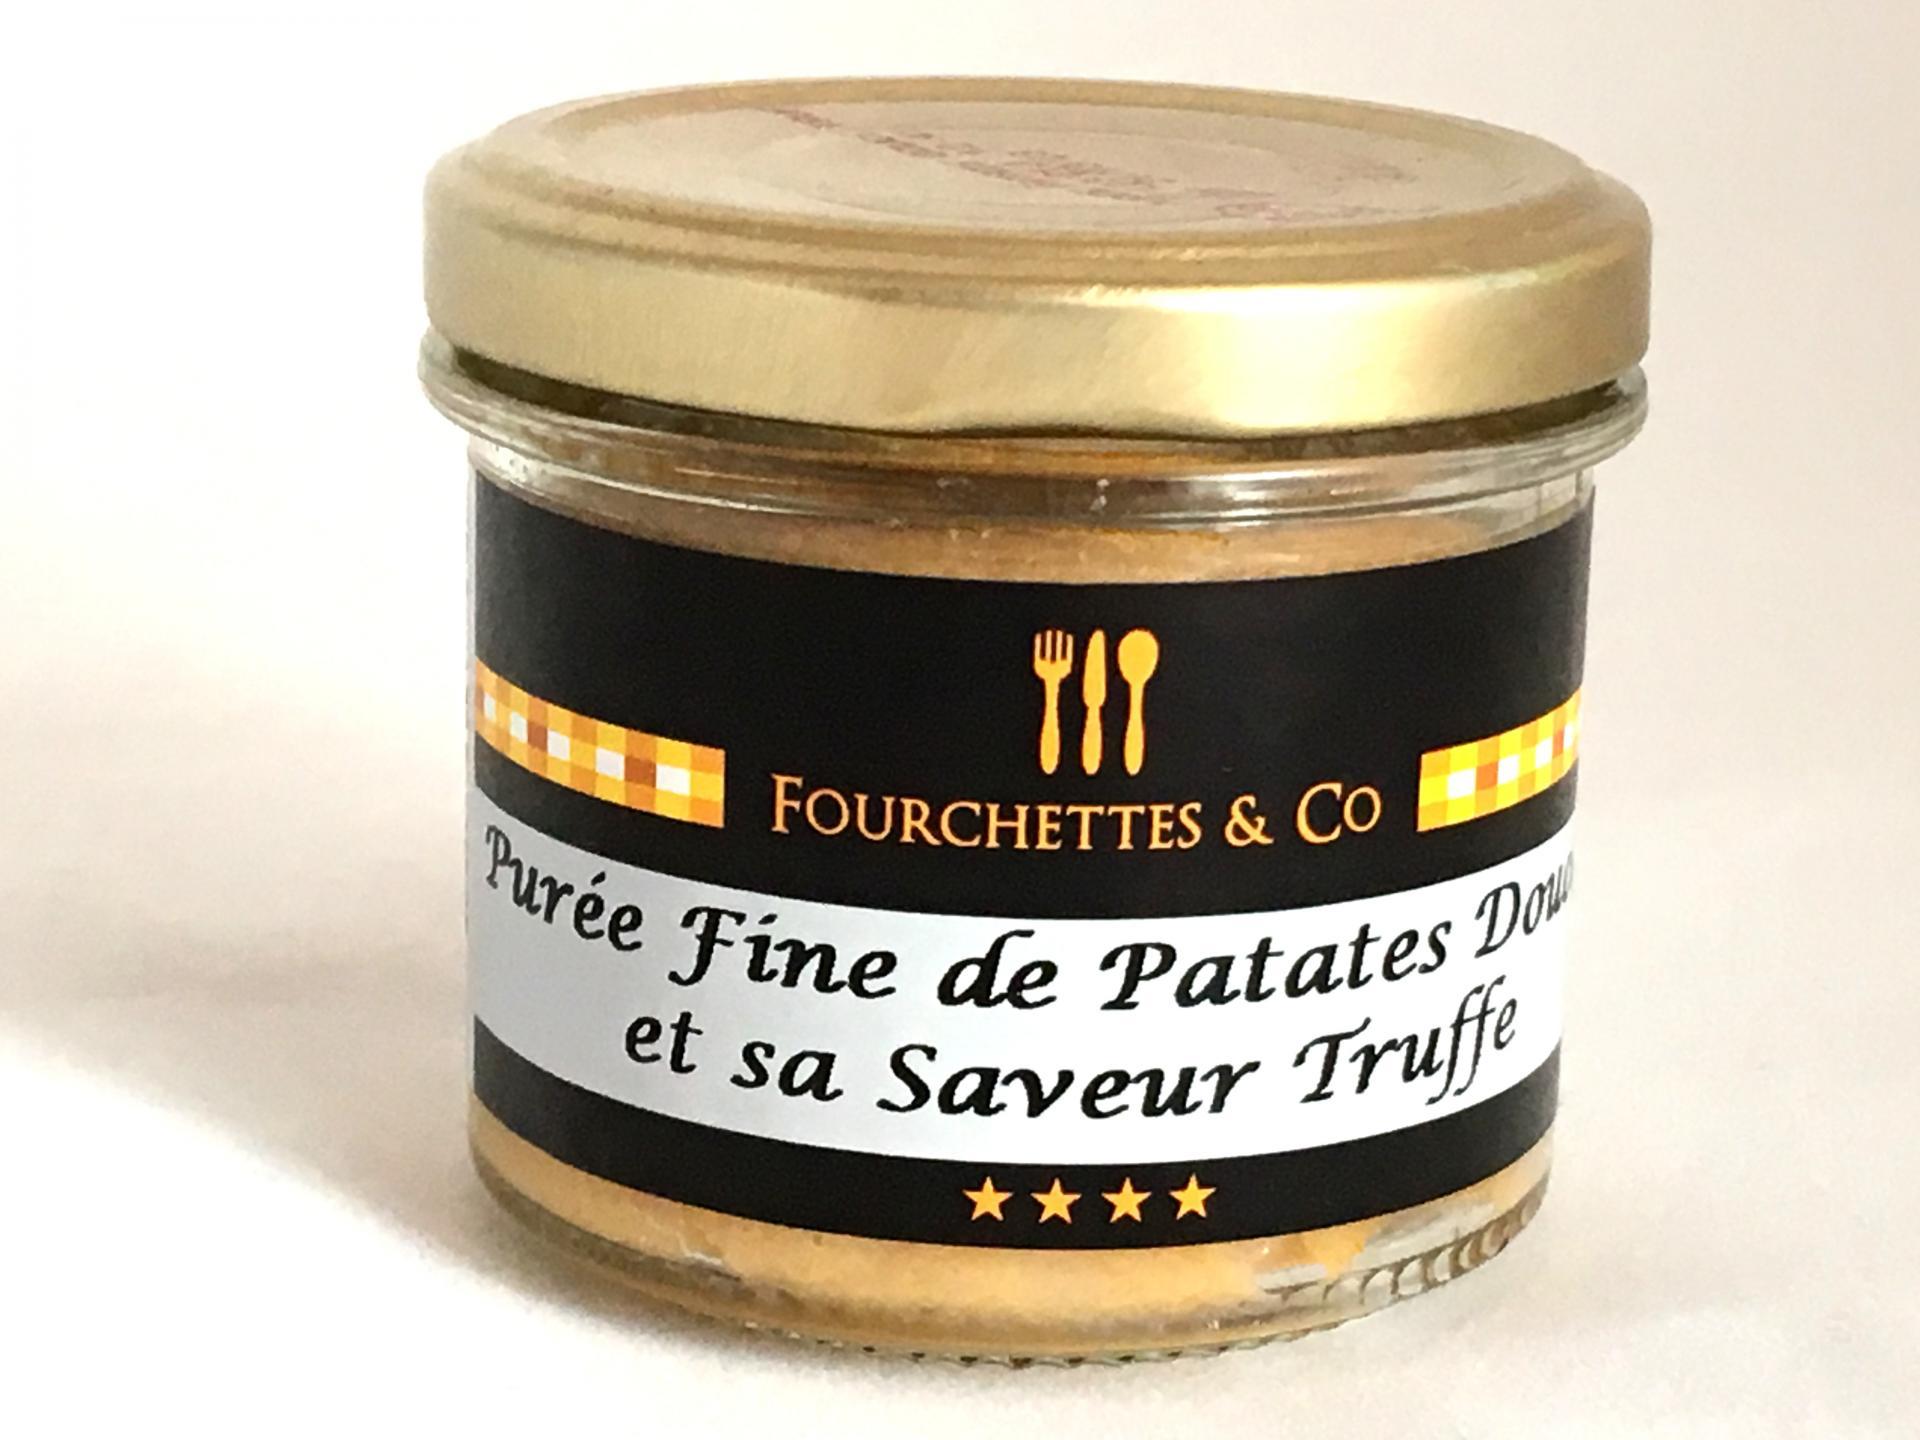 Puree fine de patates douces et sa saveur truffe 90g